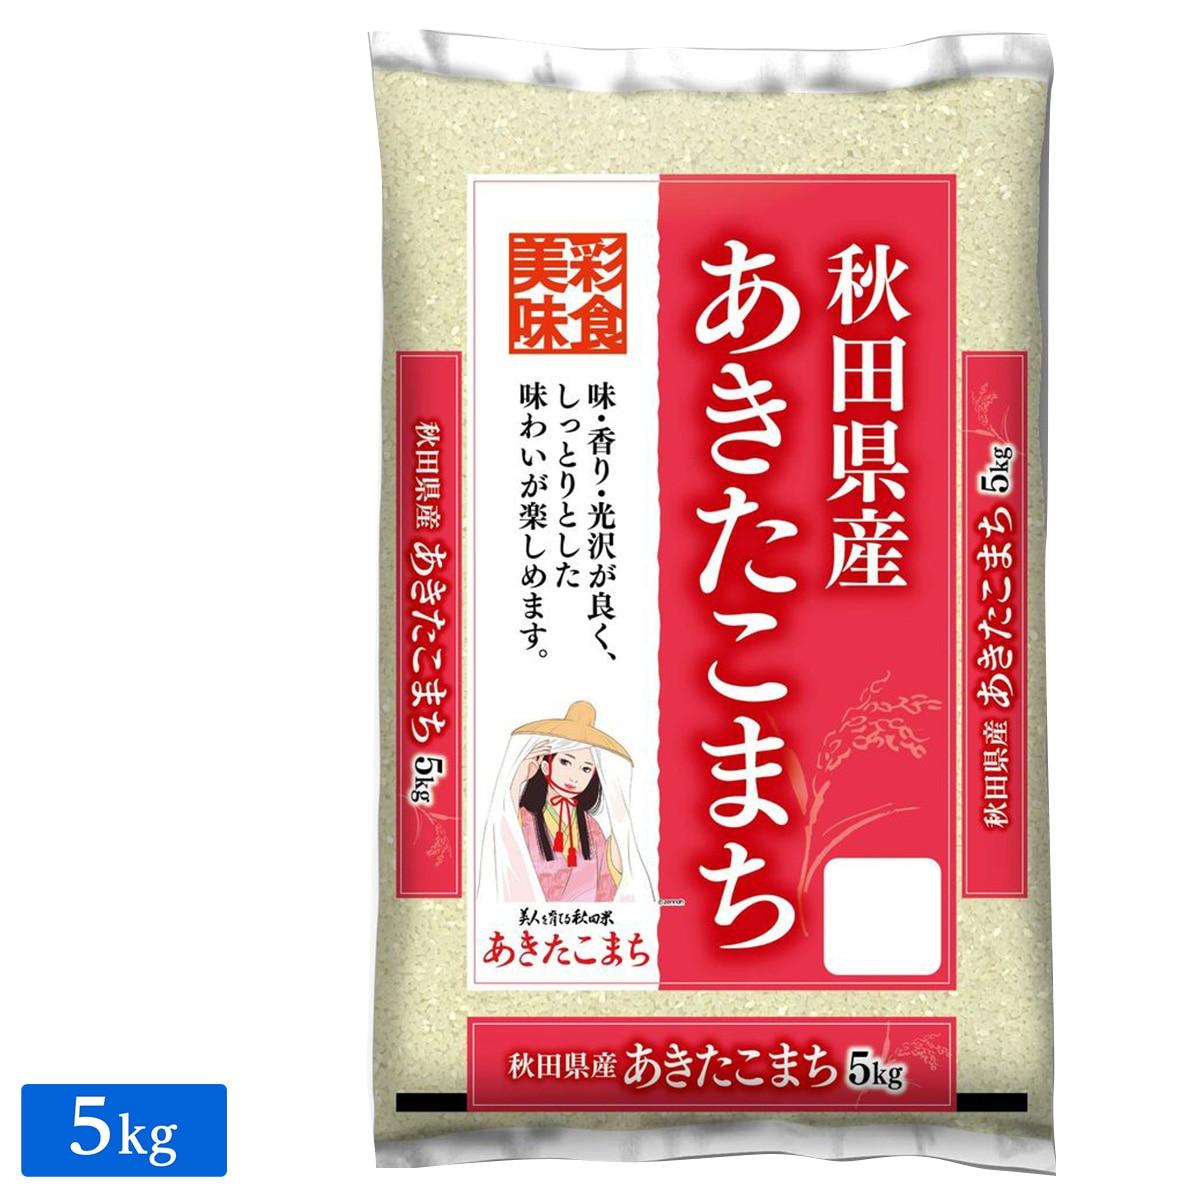 むらせ ■【精米】【新米】秋田県産あきたこまち 5kg 21942